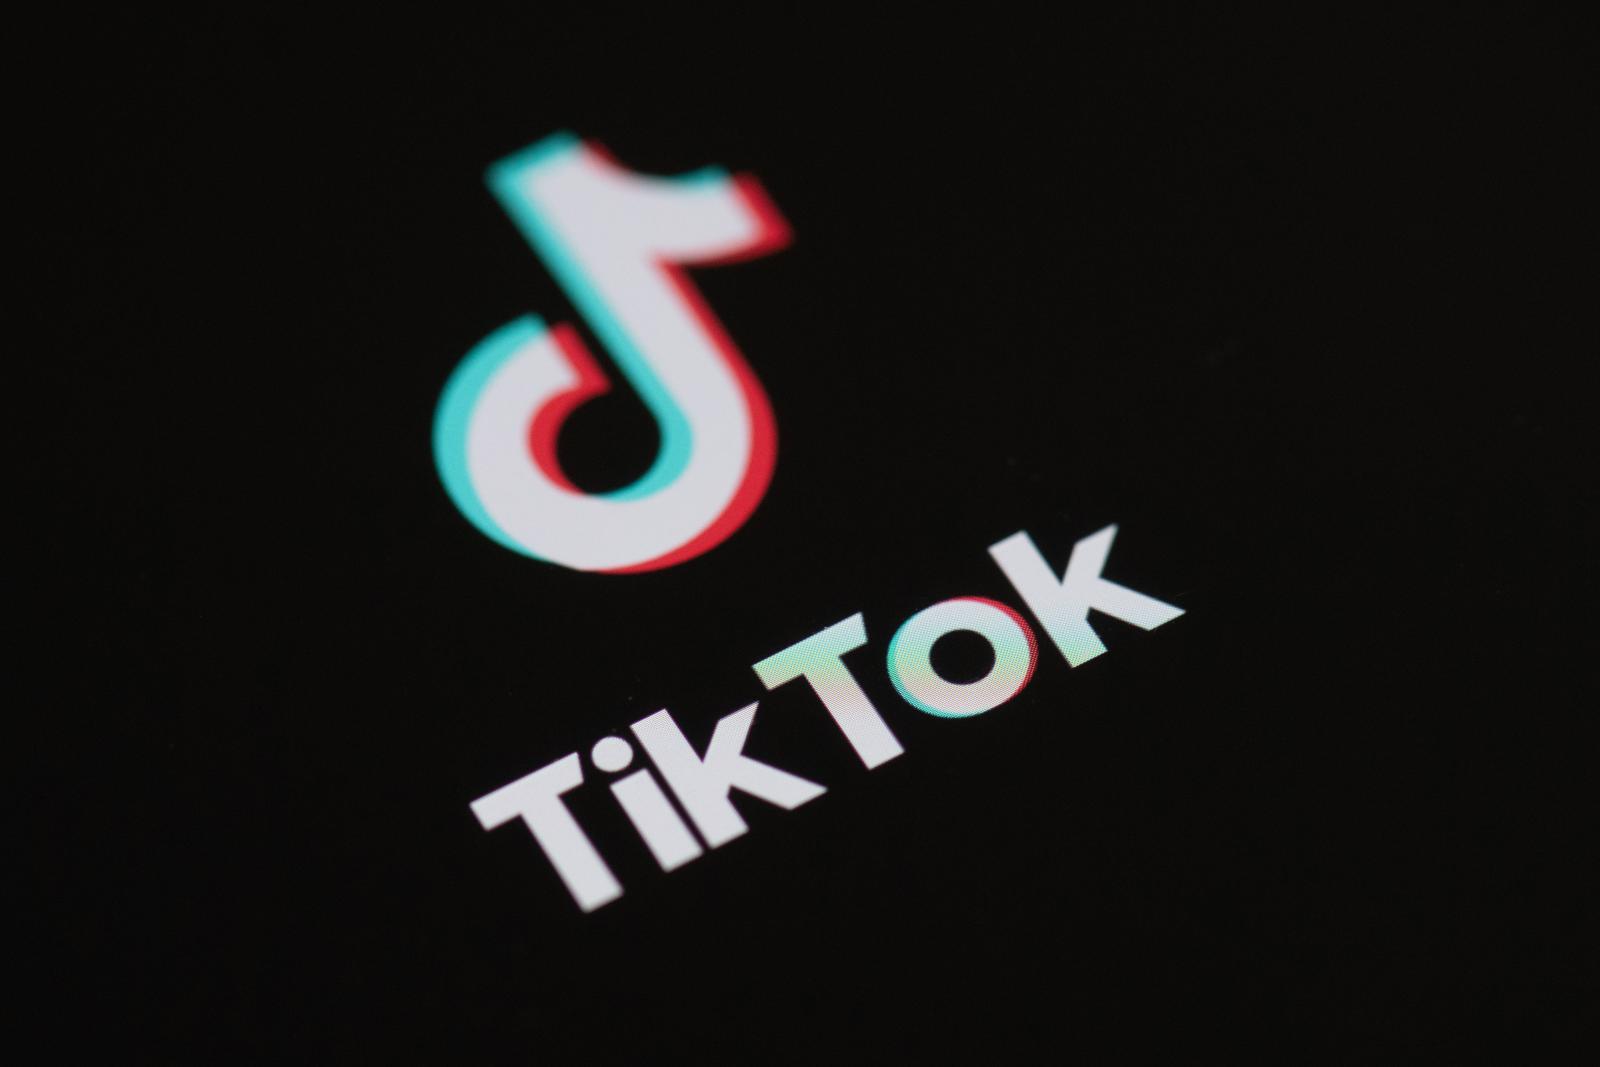 """""""ทรัมป์"""" ประกาศ เตรียมลงนามคำสั่งแบน TikTok ในสหรัฐฯ"""